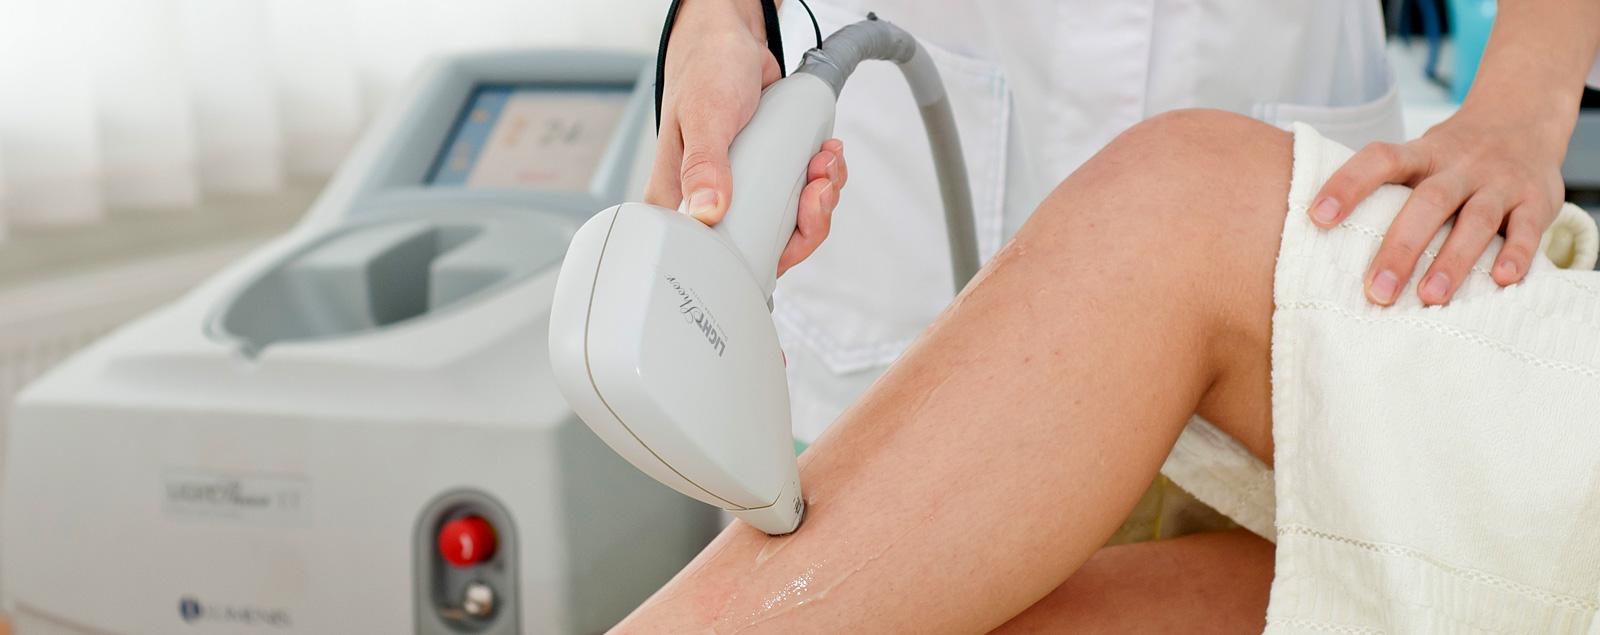 Лазерная эпиляция – процедура, облегчающая жизнь